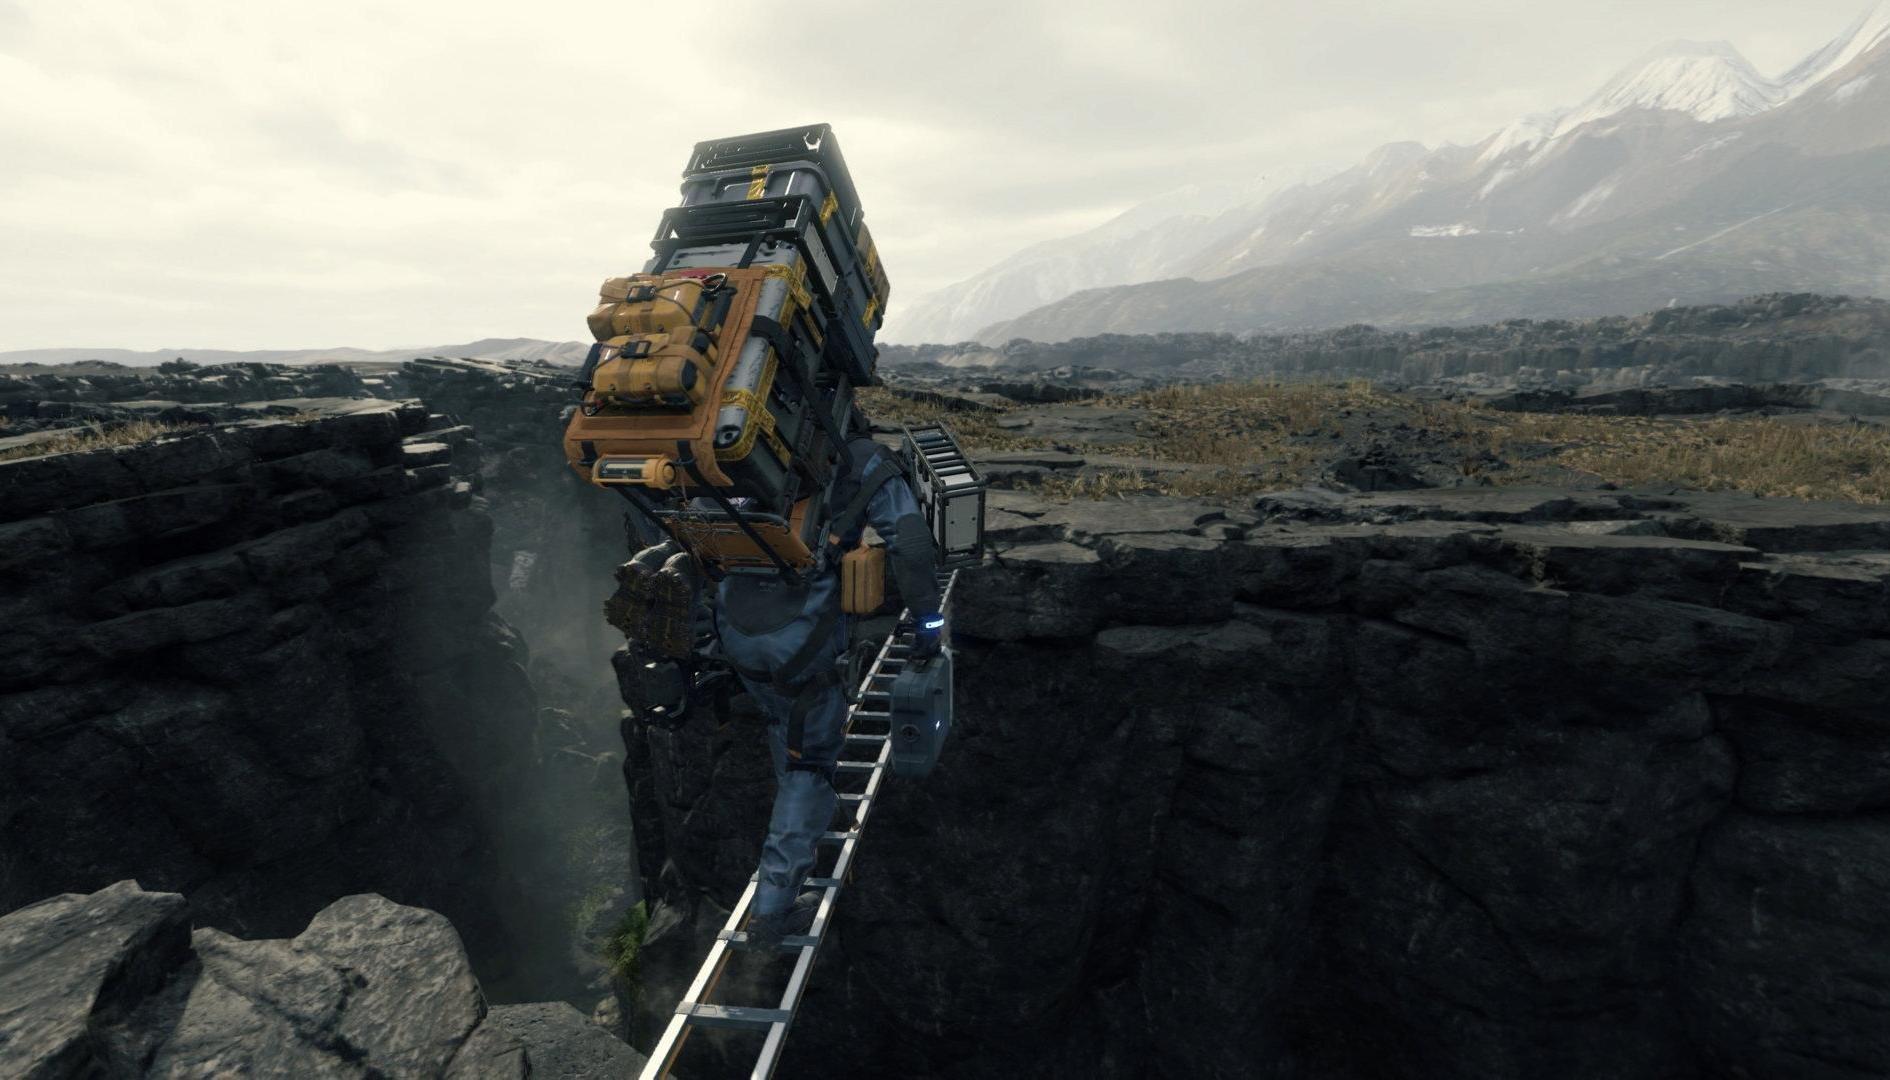 Death Stranding: trailer TGS 2019 svela completamente il gameplay del gioco